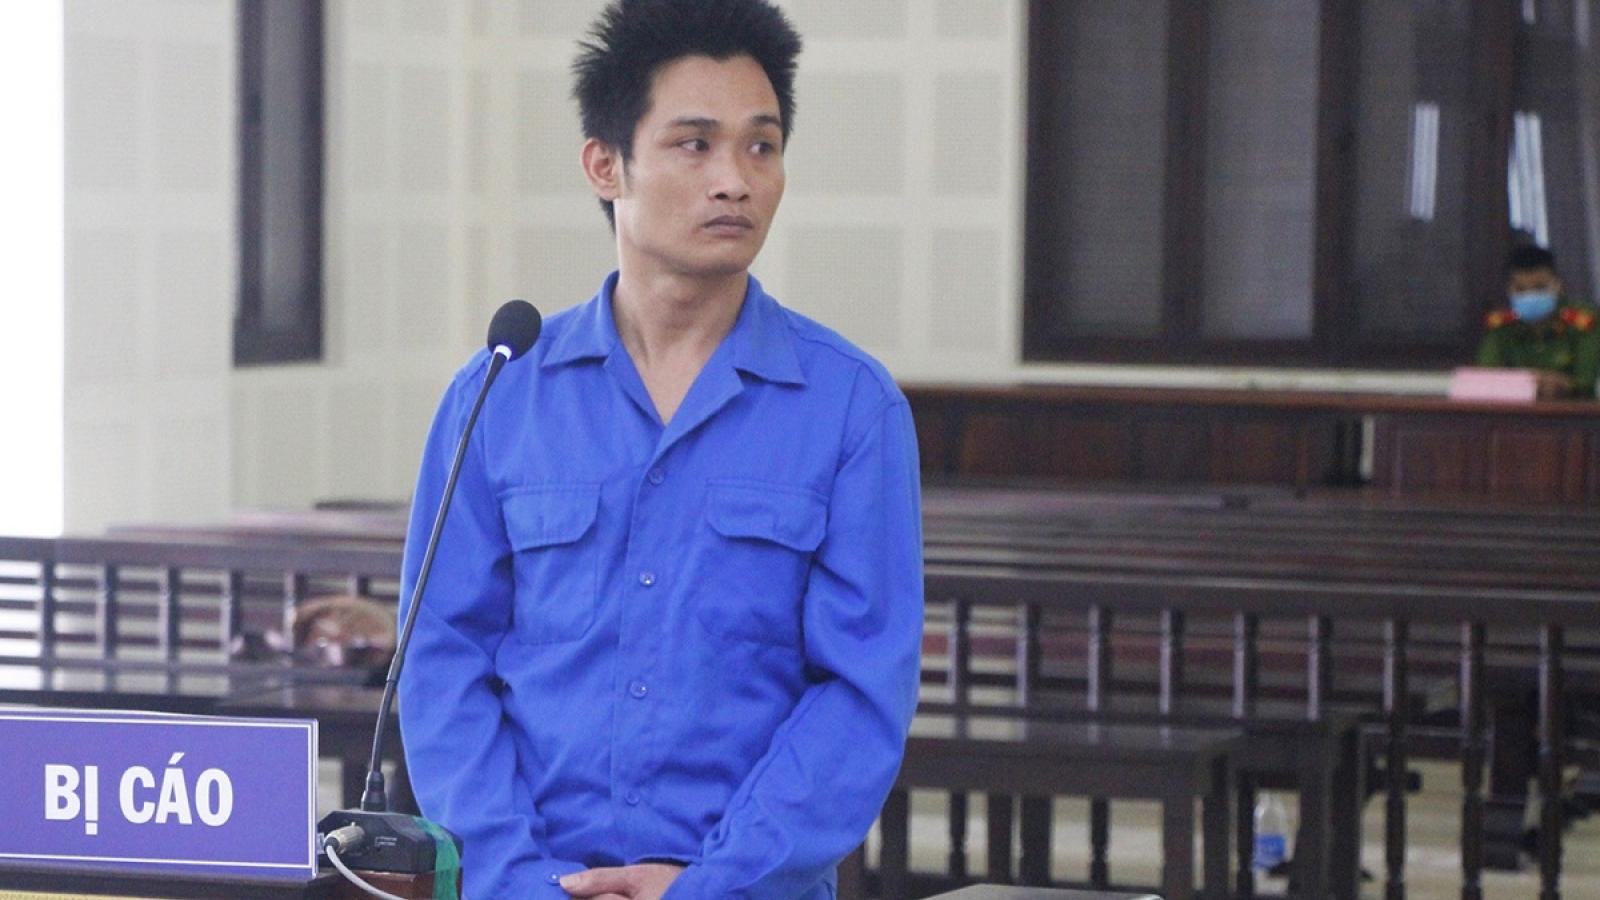 Kẻ giết con ở Đà Nẵng lãnh án chung thân